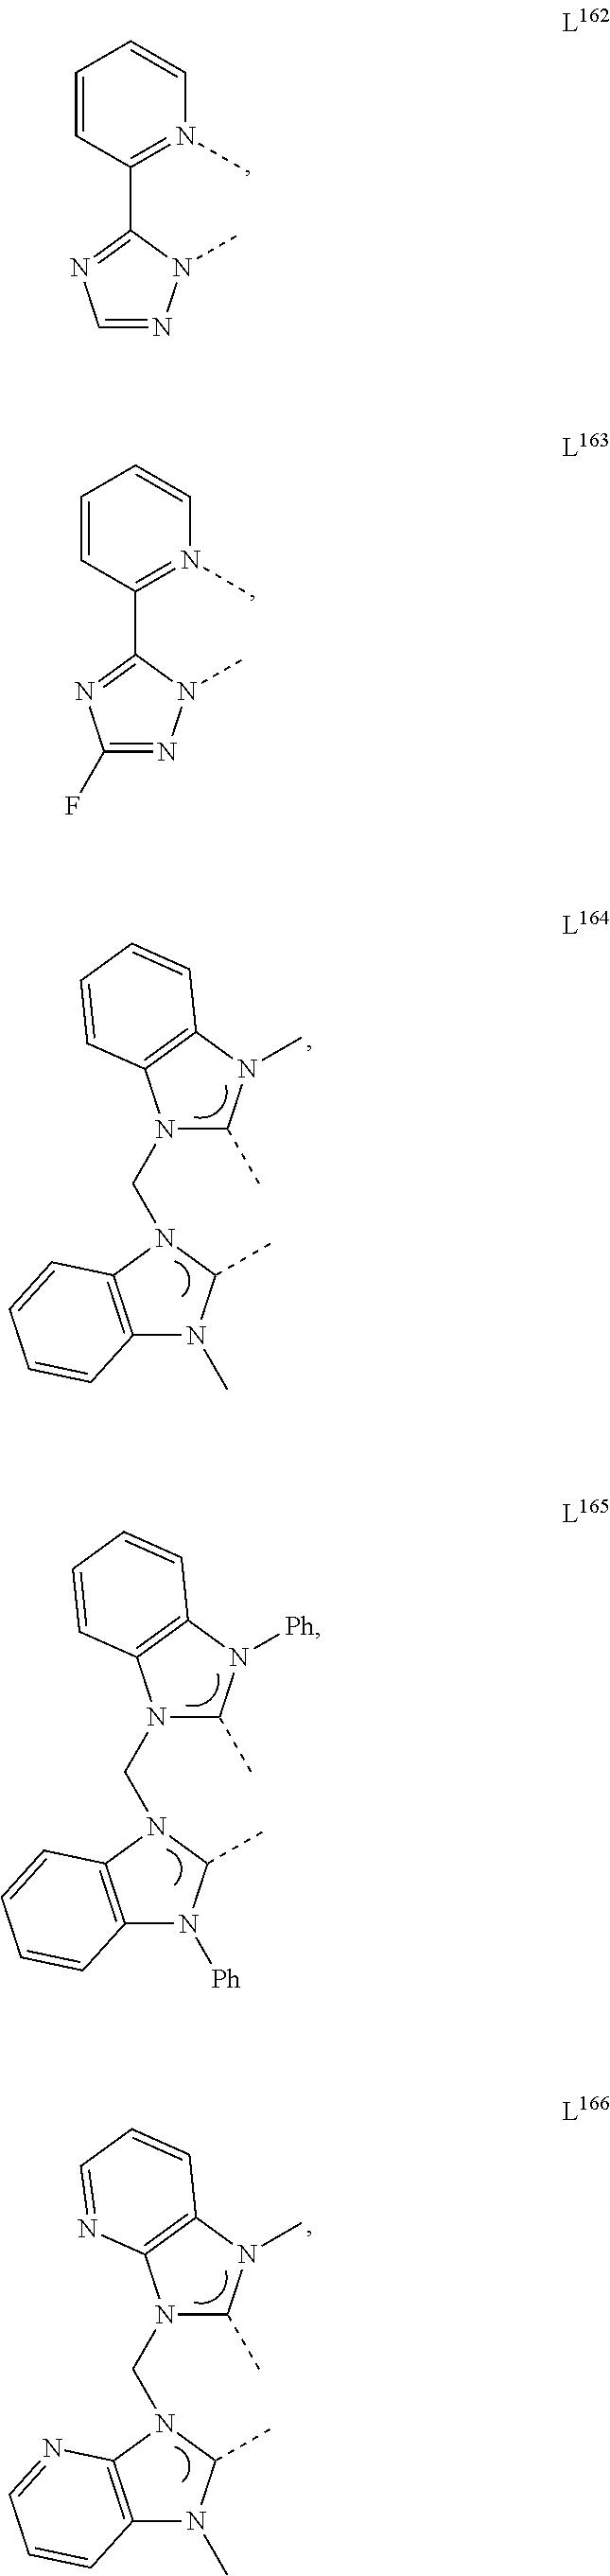 Figure US09306179-20160405-C00018